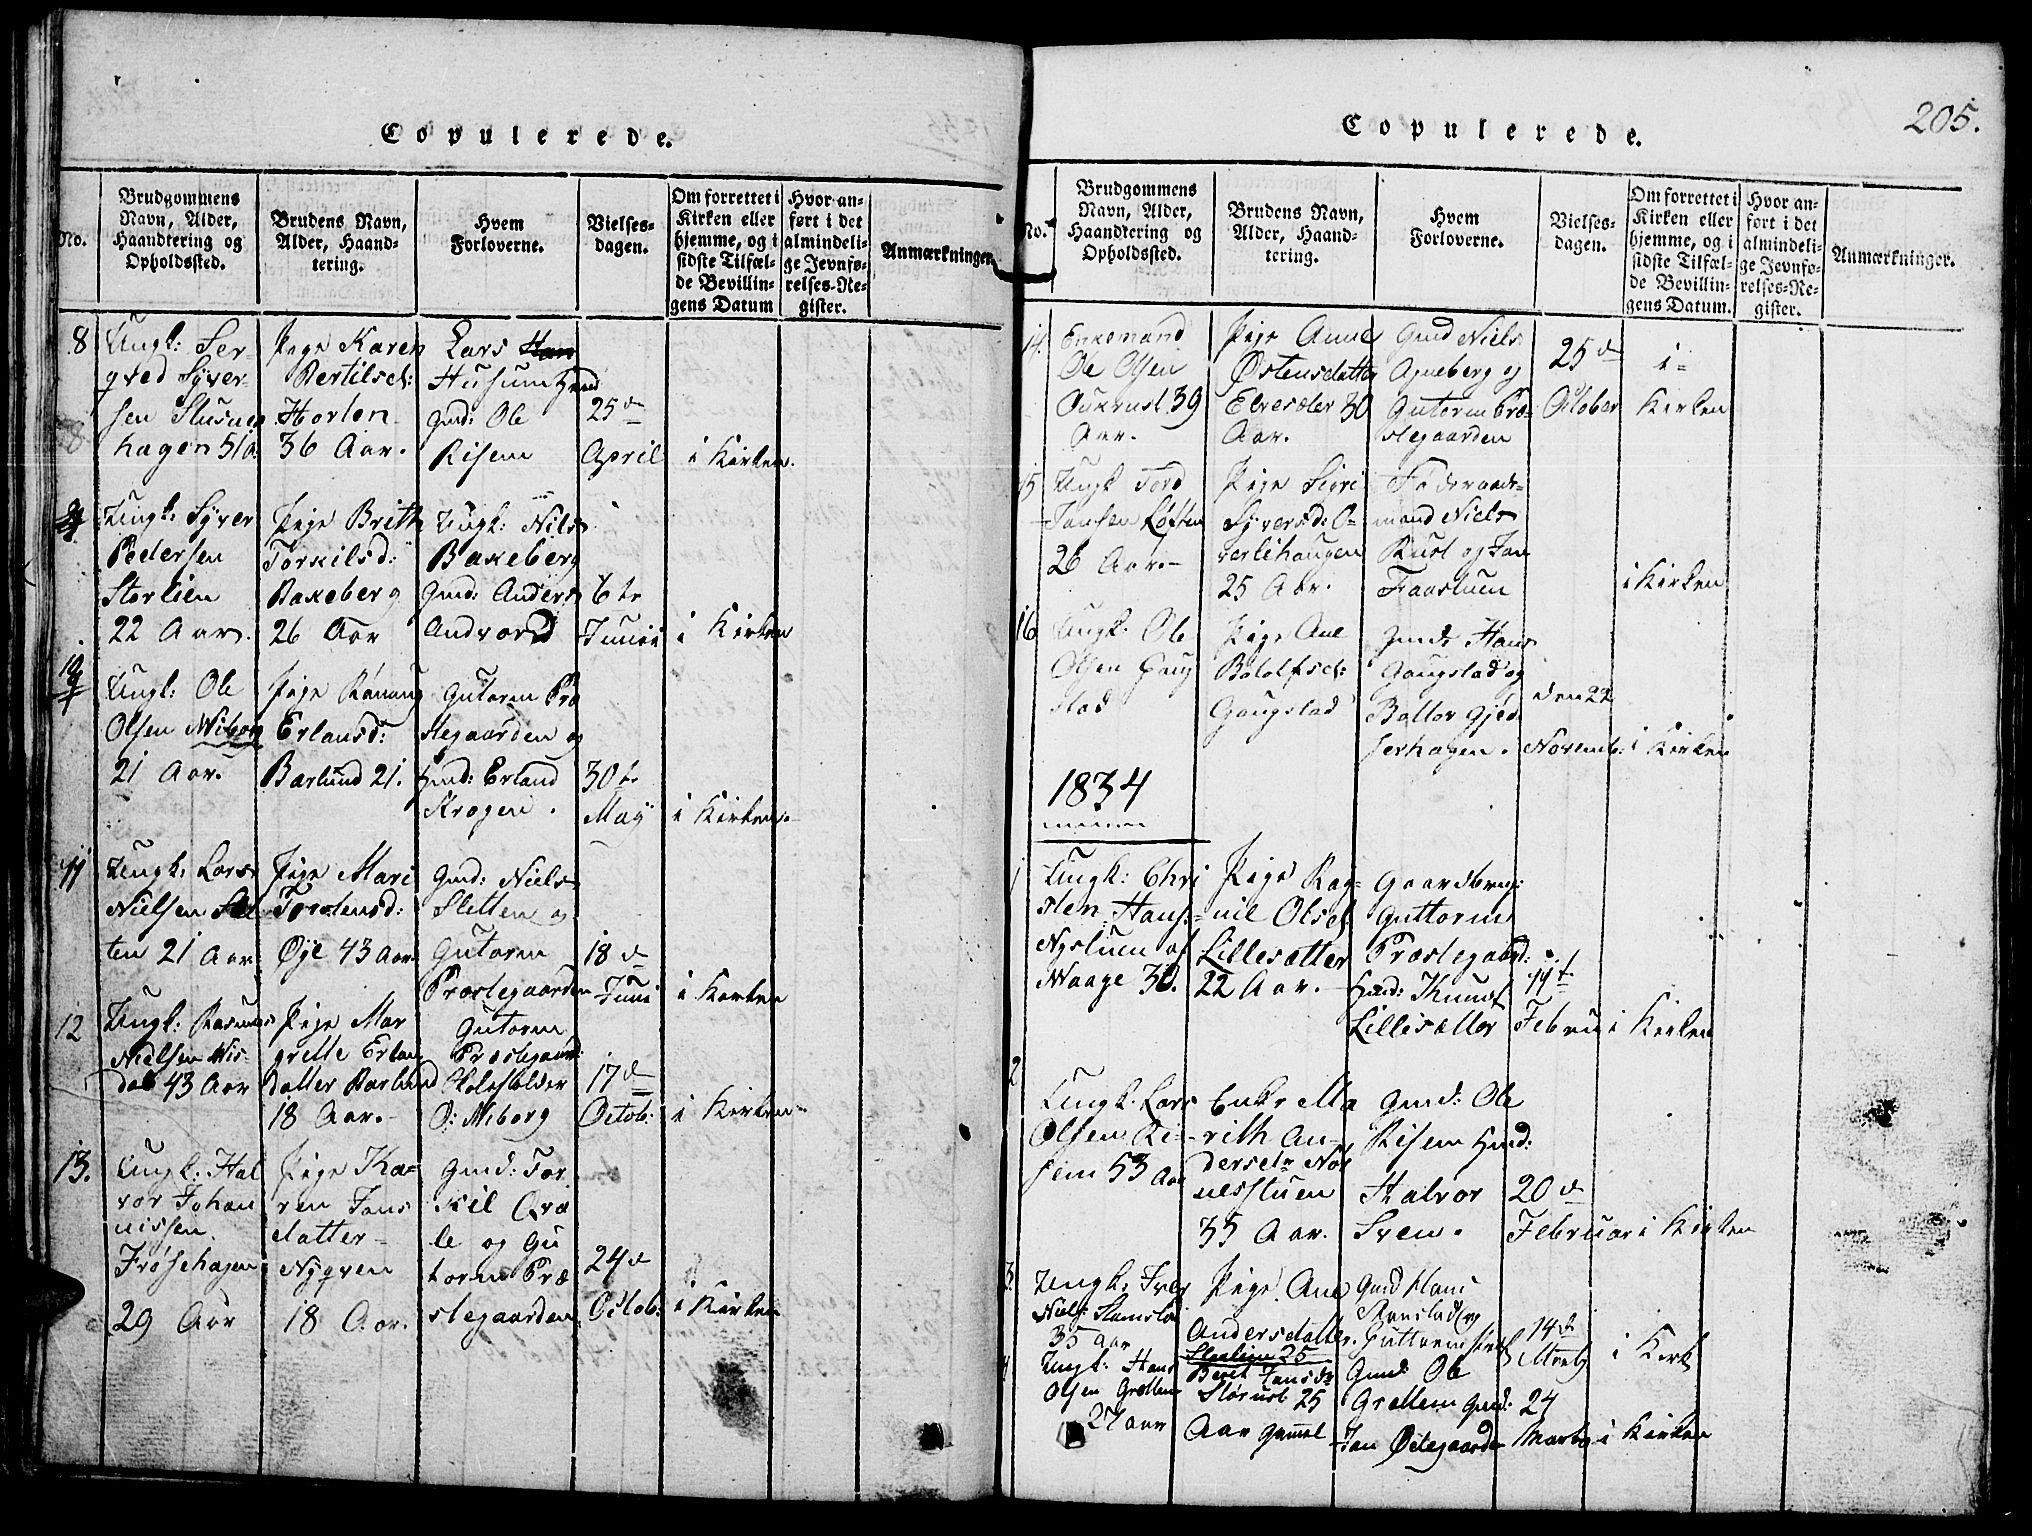 SAH, Lom prestekontor, L/L0001: Klokkerbok nr. 1, 1815-1836, s. 205